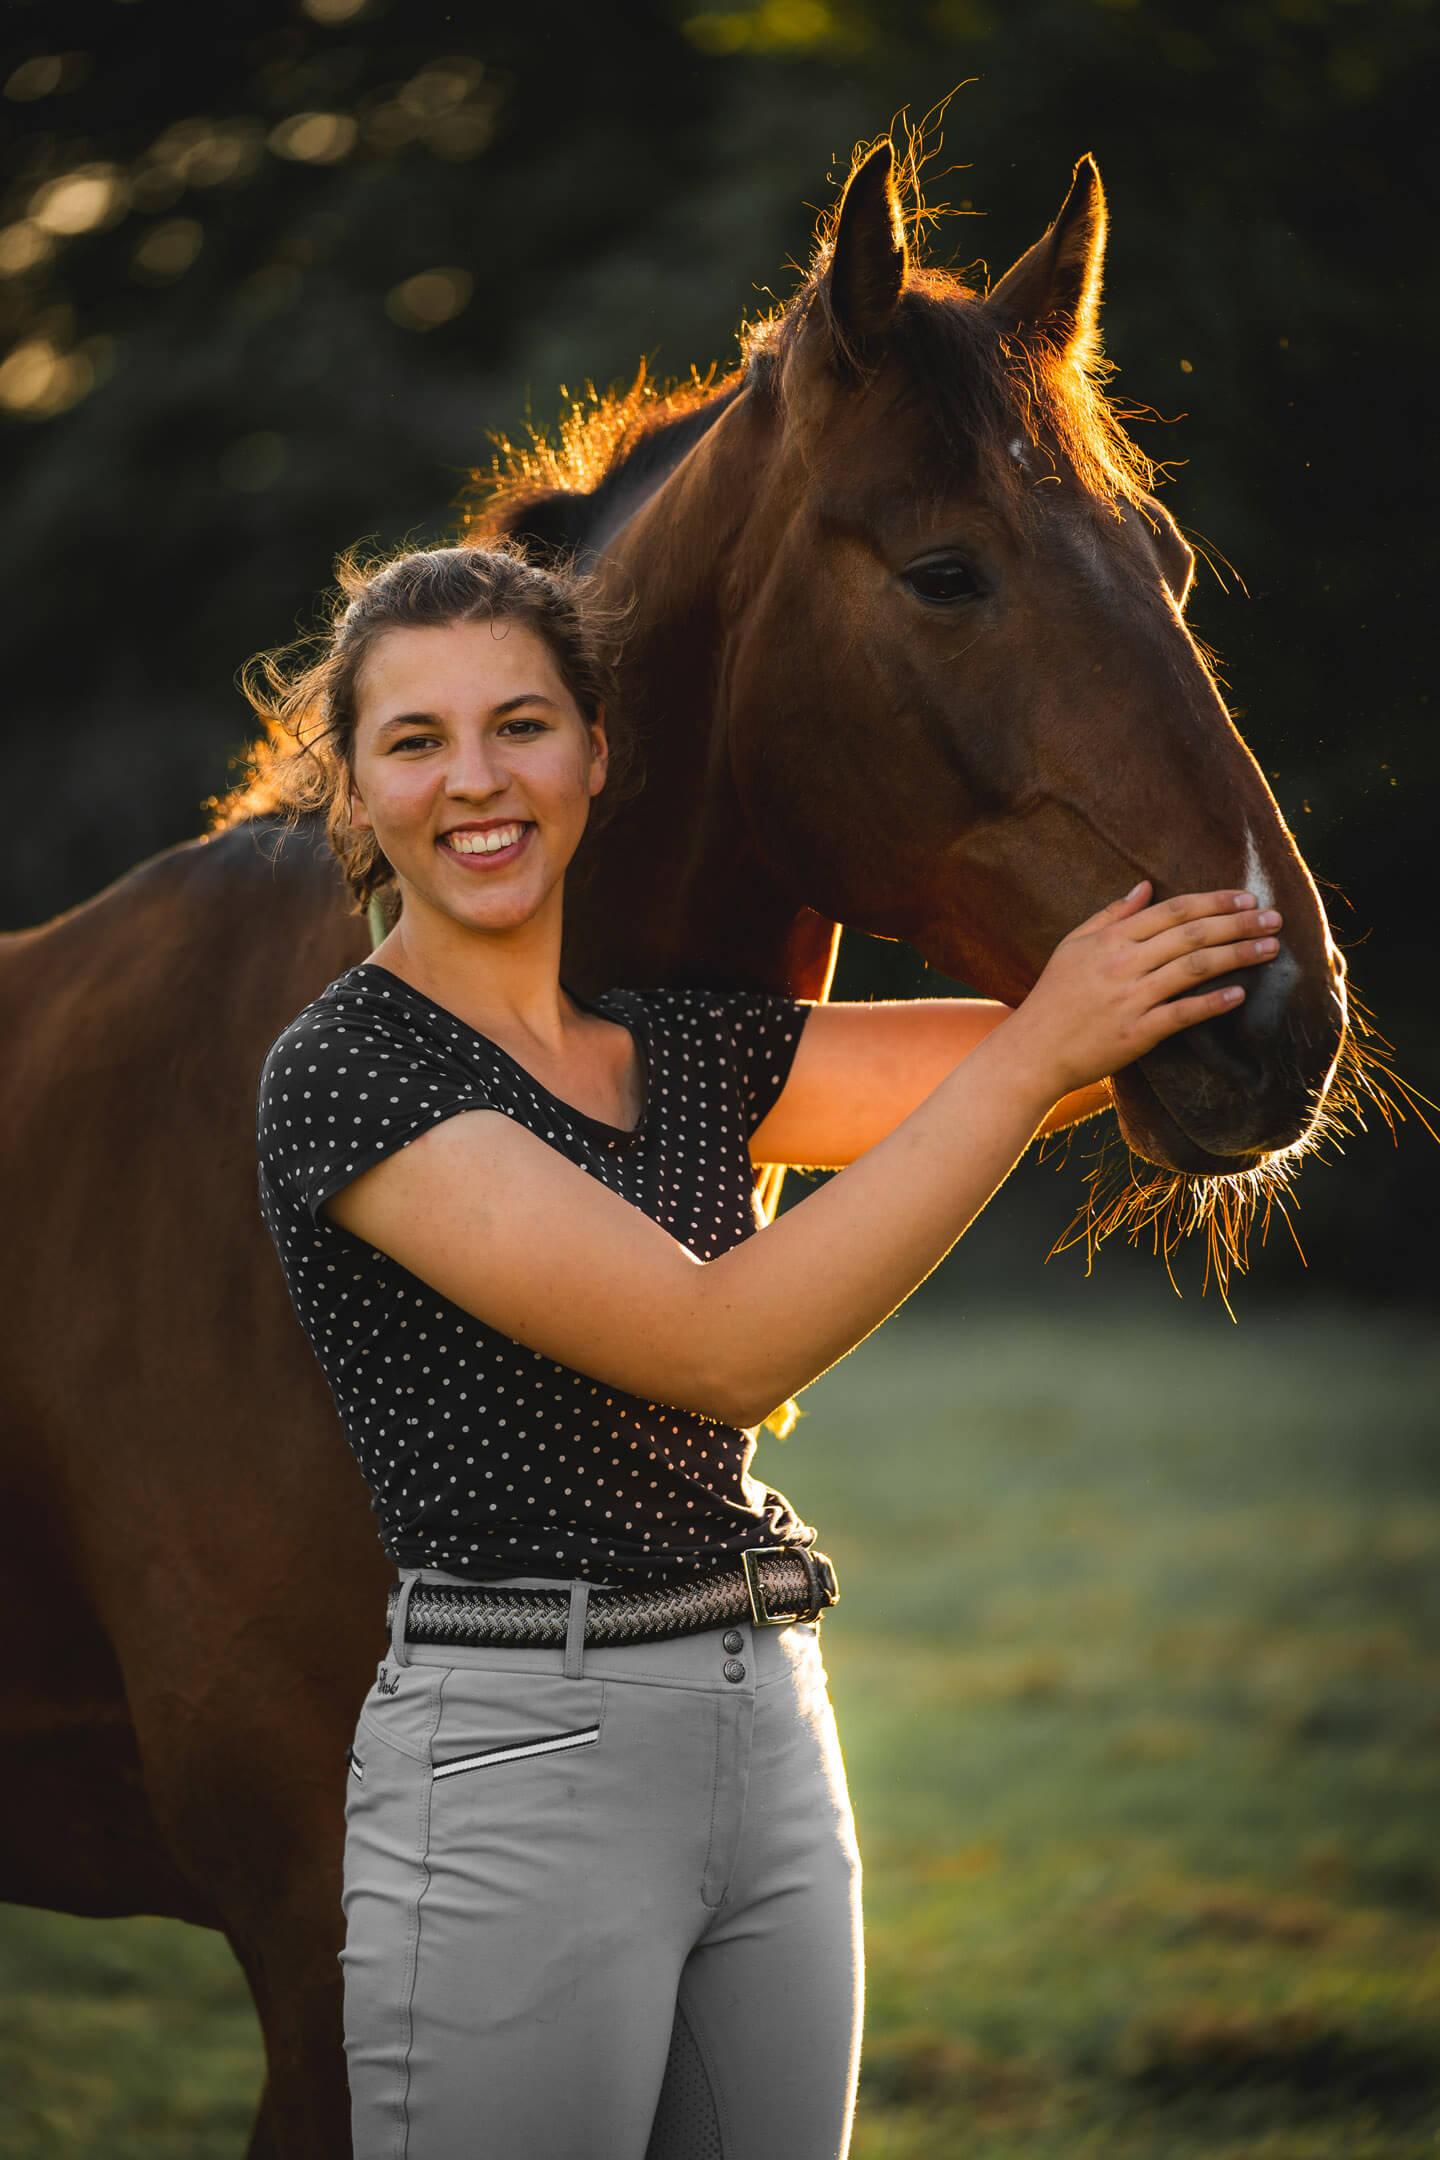 Reiterin und Pferd im Abendlicht fotografiert.